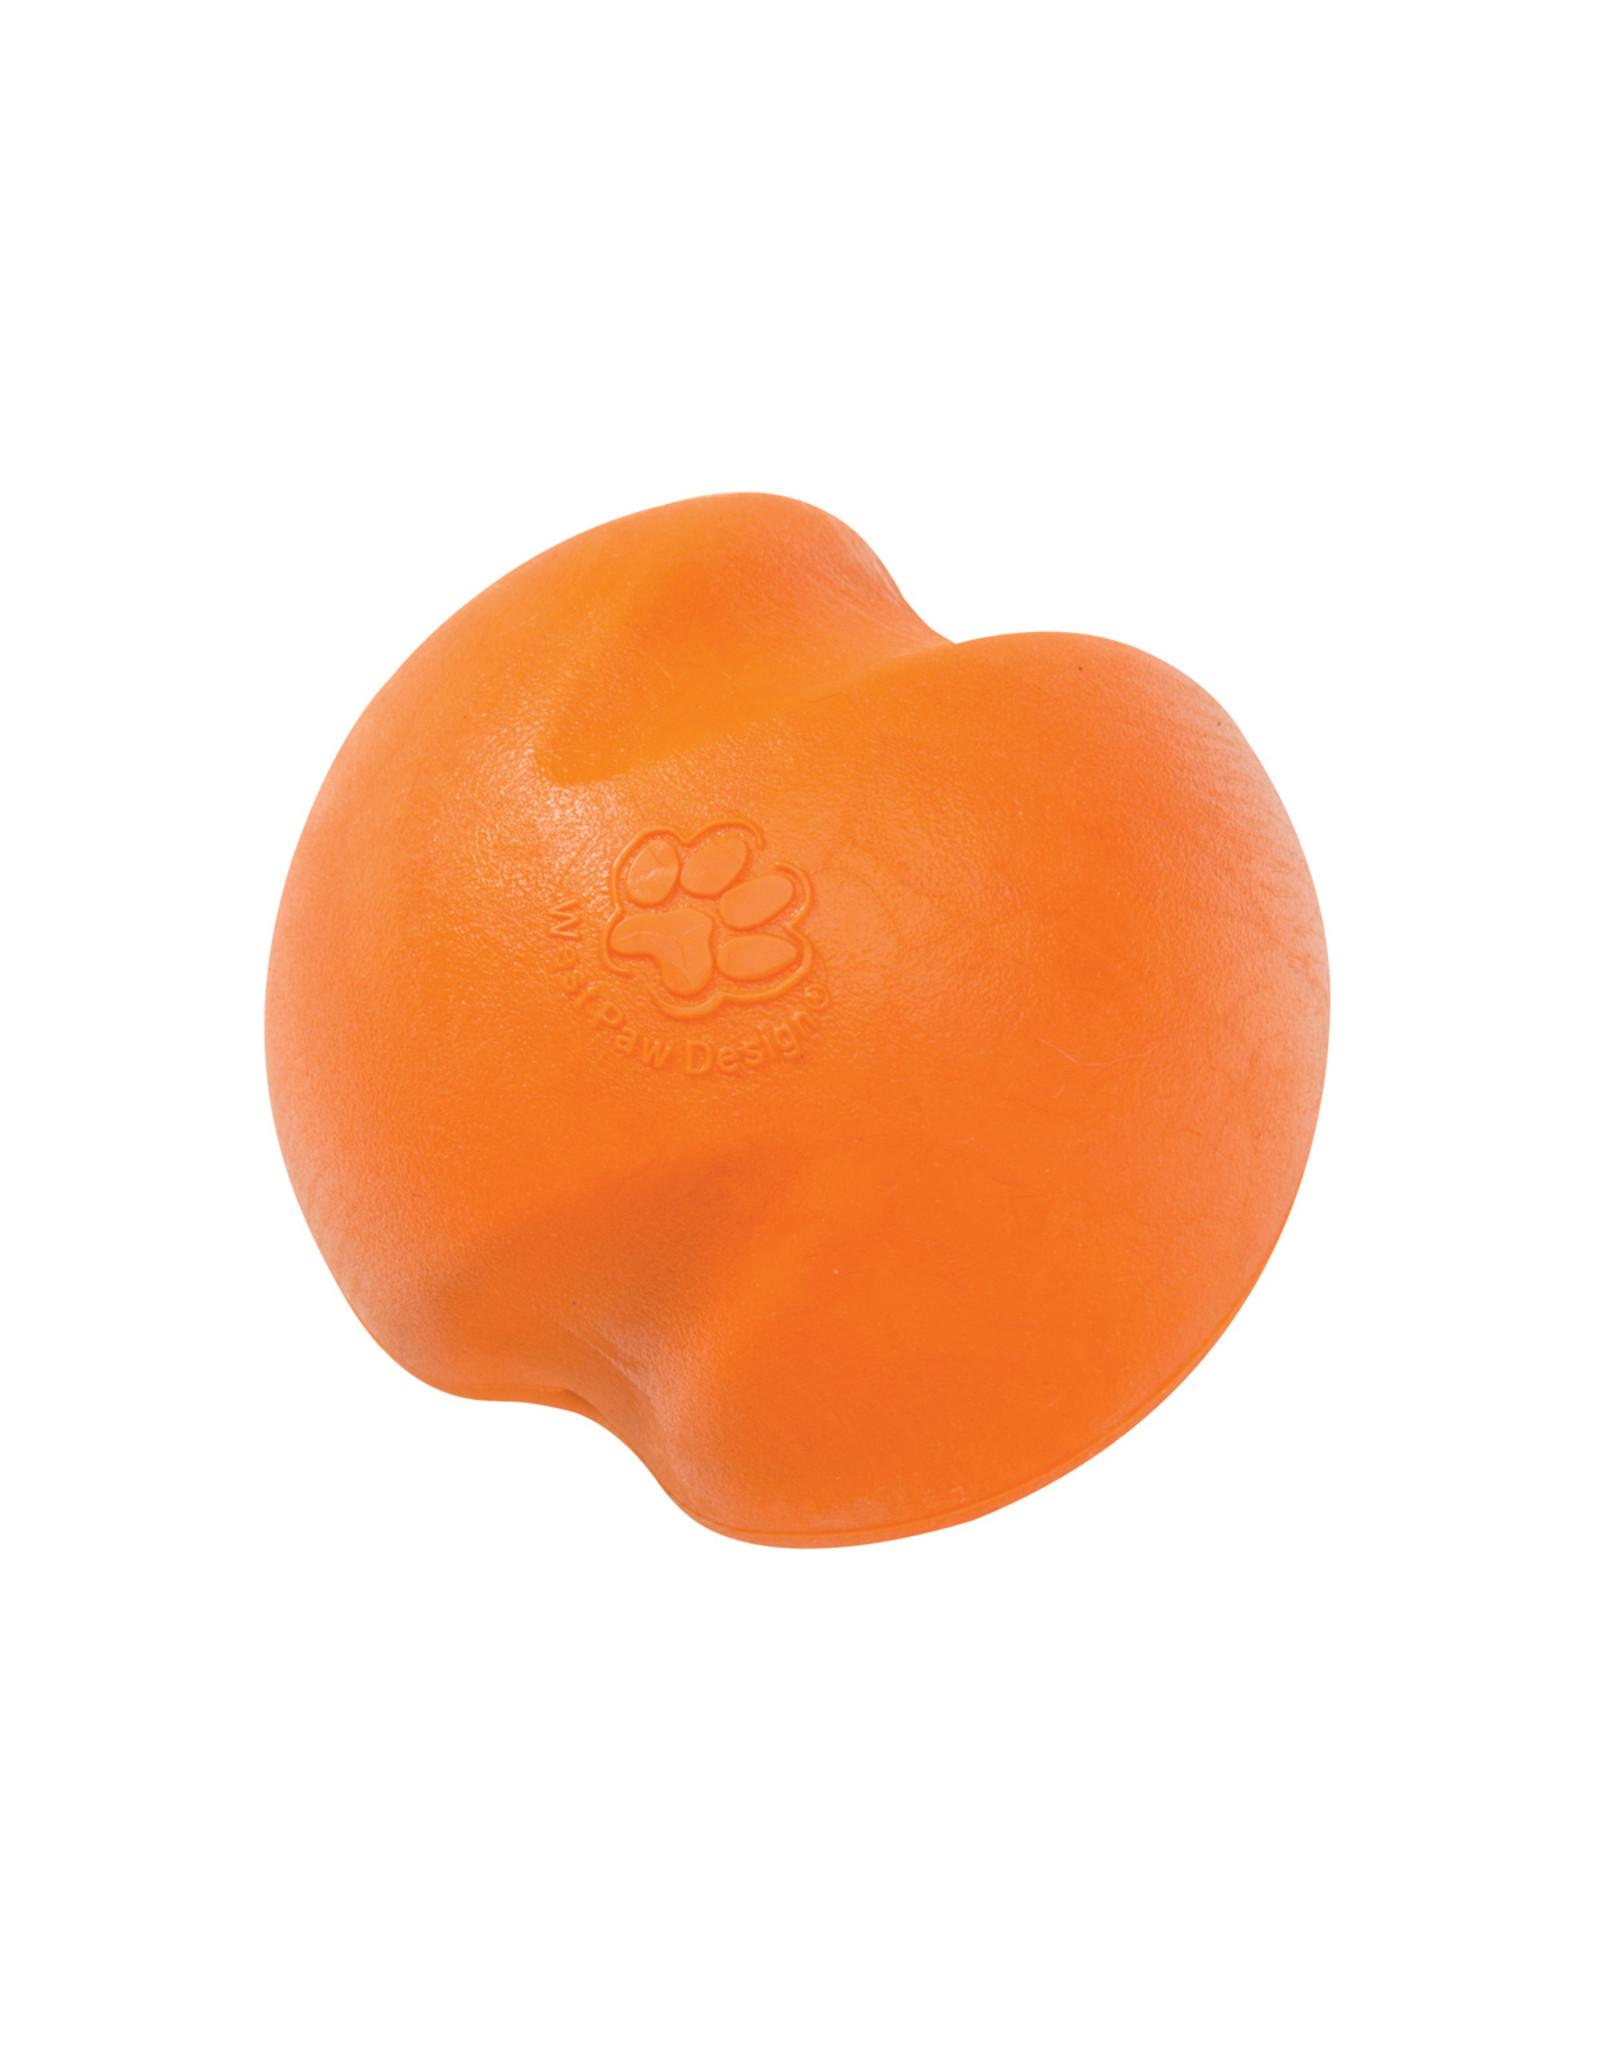 Westpaw Westpaw Dog Rubber Toy - Jive